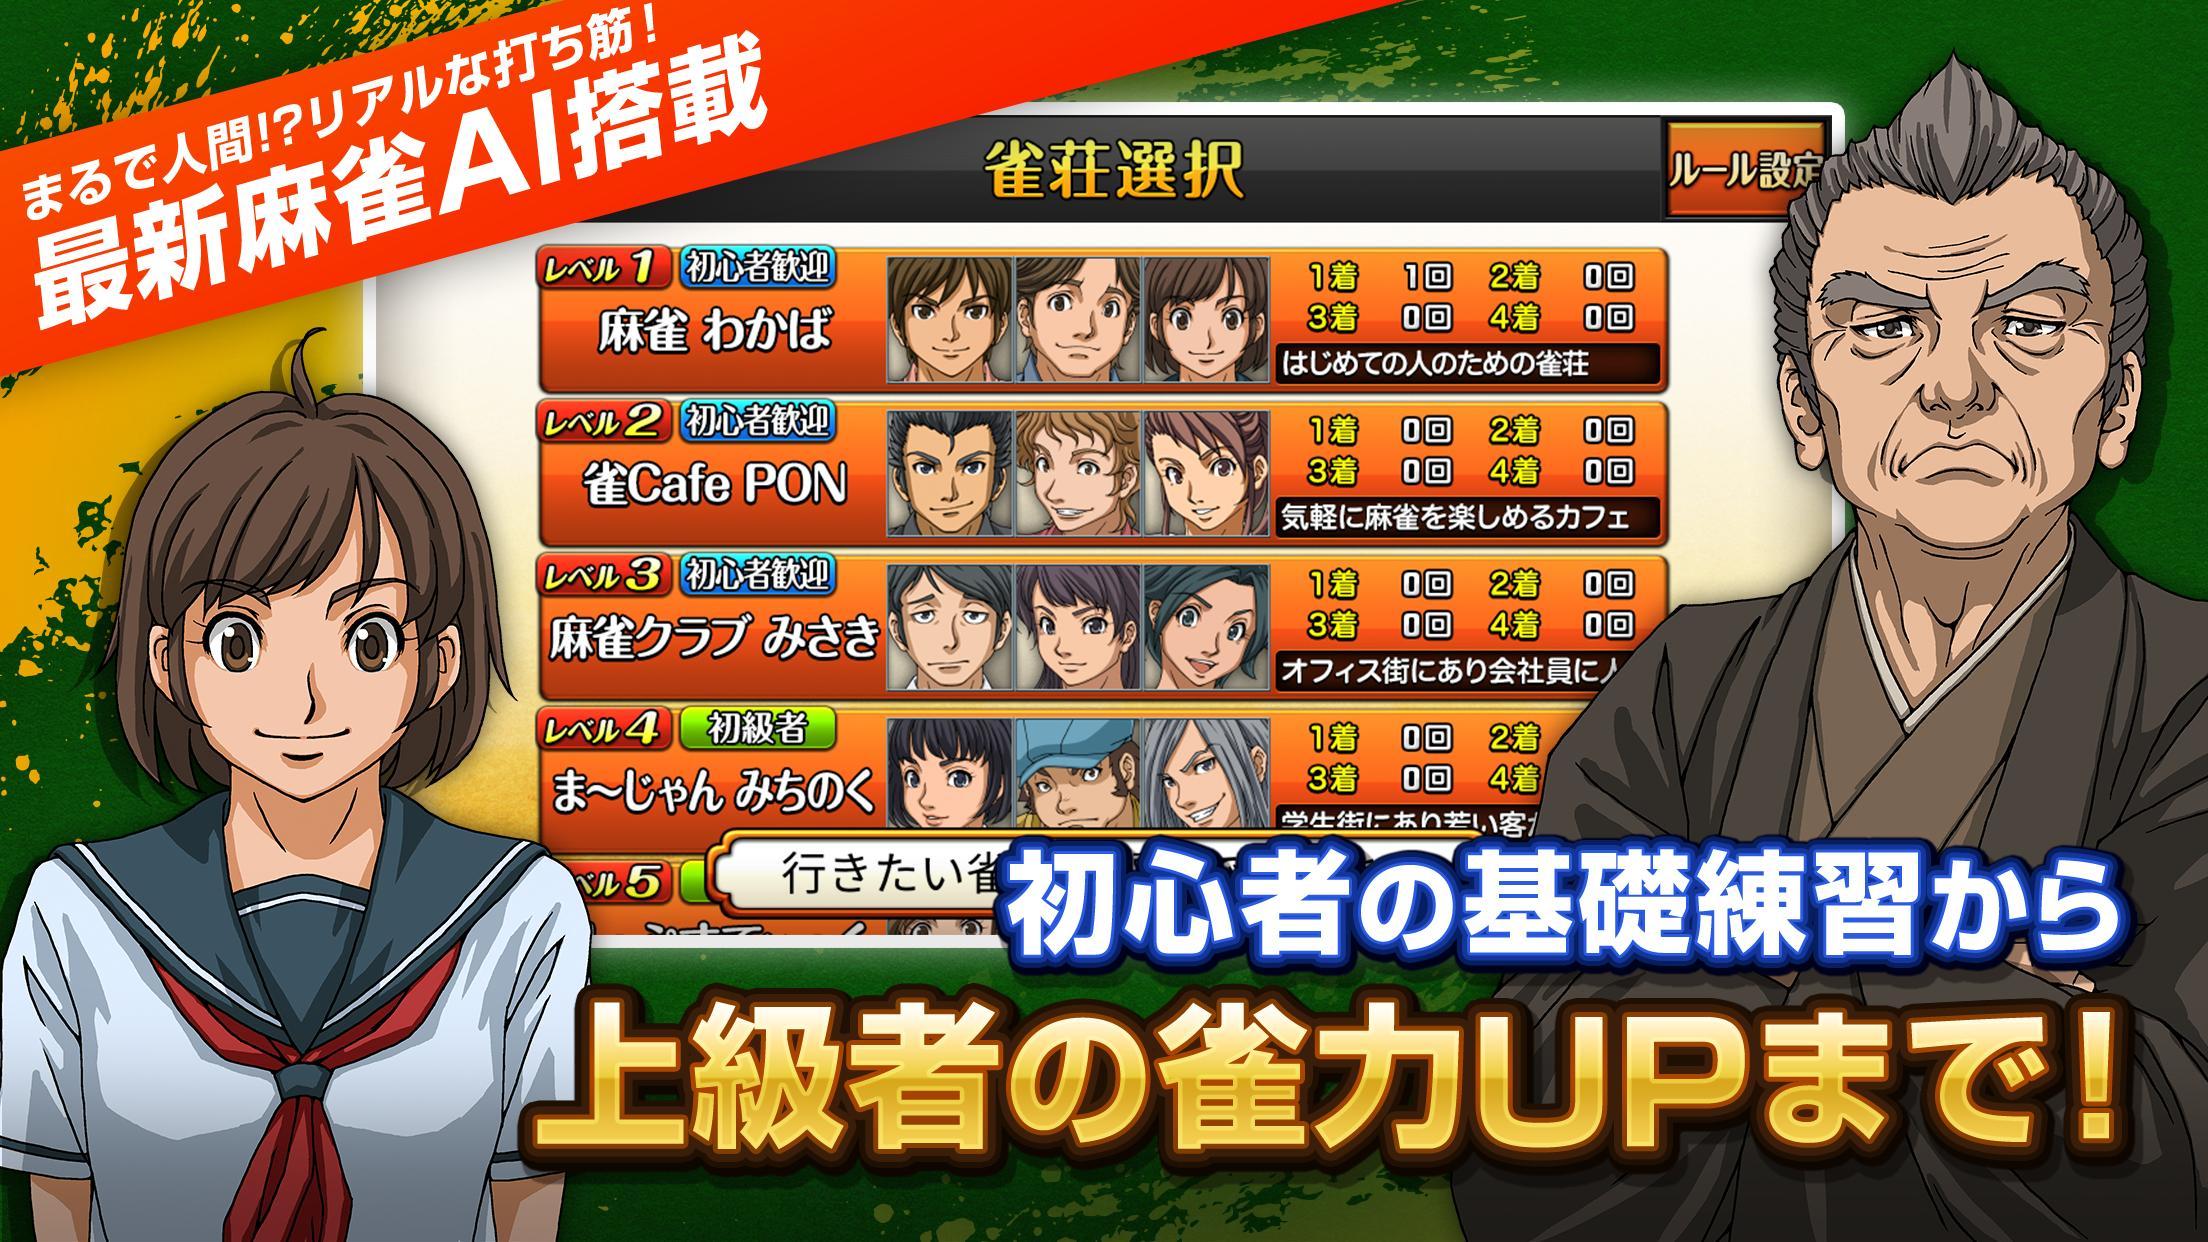 みんなの麻雀 初心者も強くなれるランキング戦が楽しい本格麻雀【無料】 1.1.12 Screenshot 12